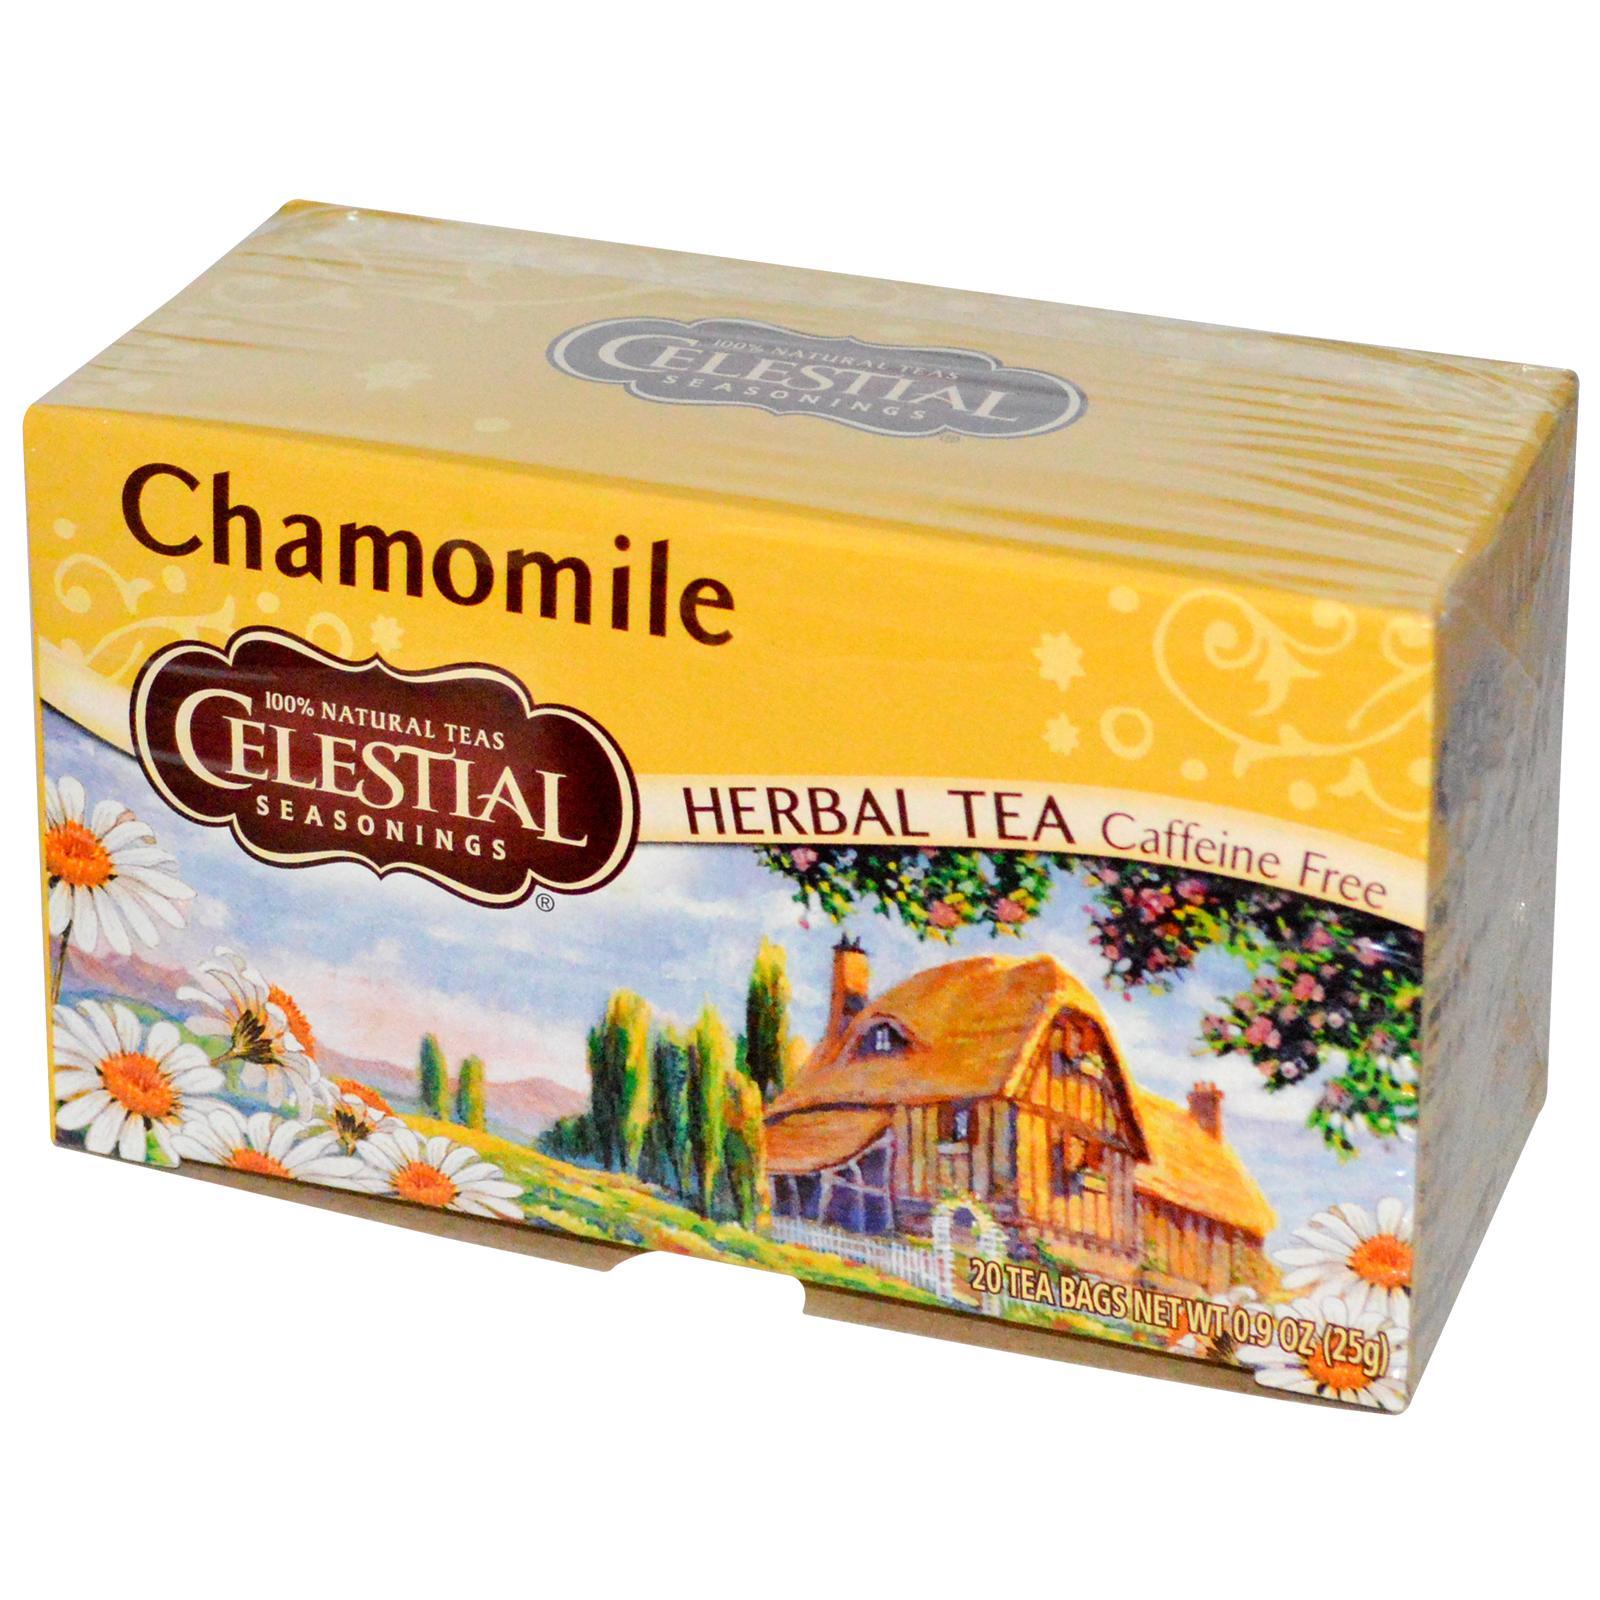 Buy Celestial Seasonings Herbal Tea Caffeine Free